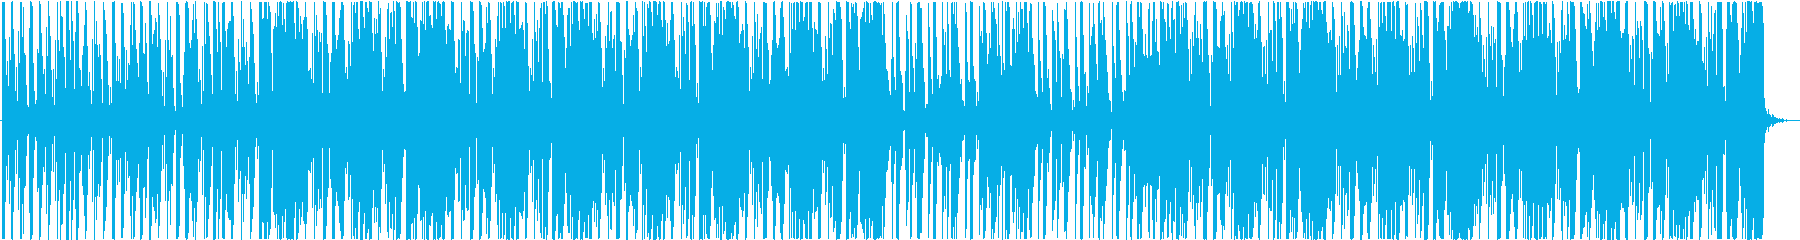 ファンク、背景の再生済みの波形